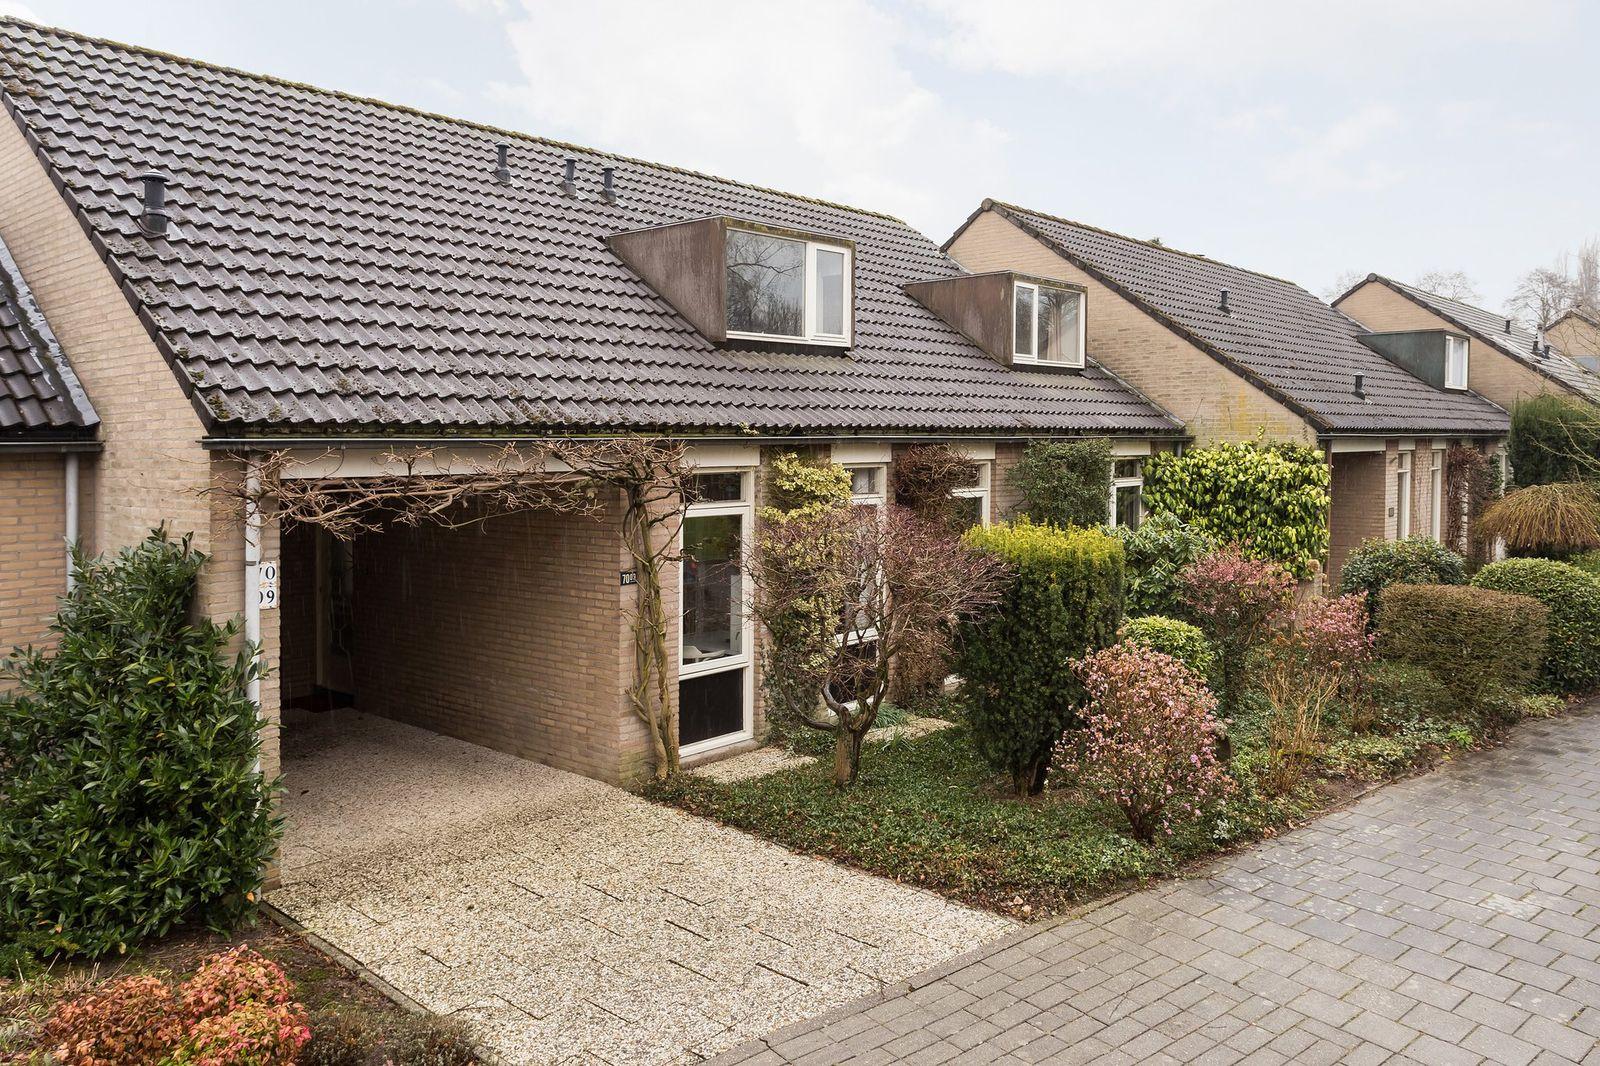 Aldenhof 7009, Nijmegen